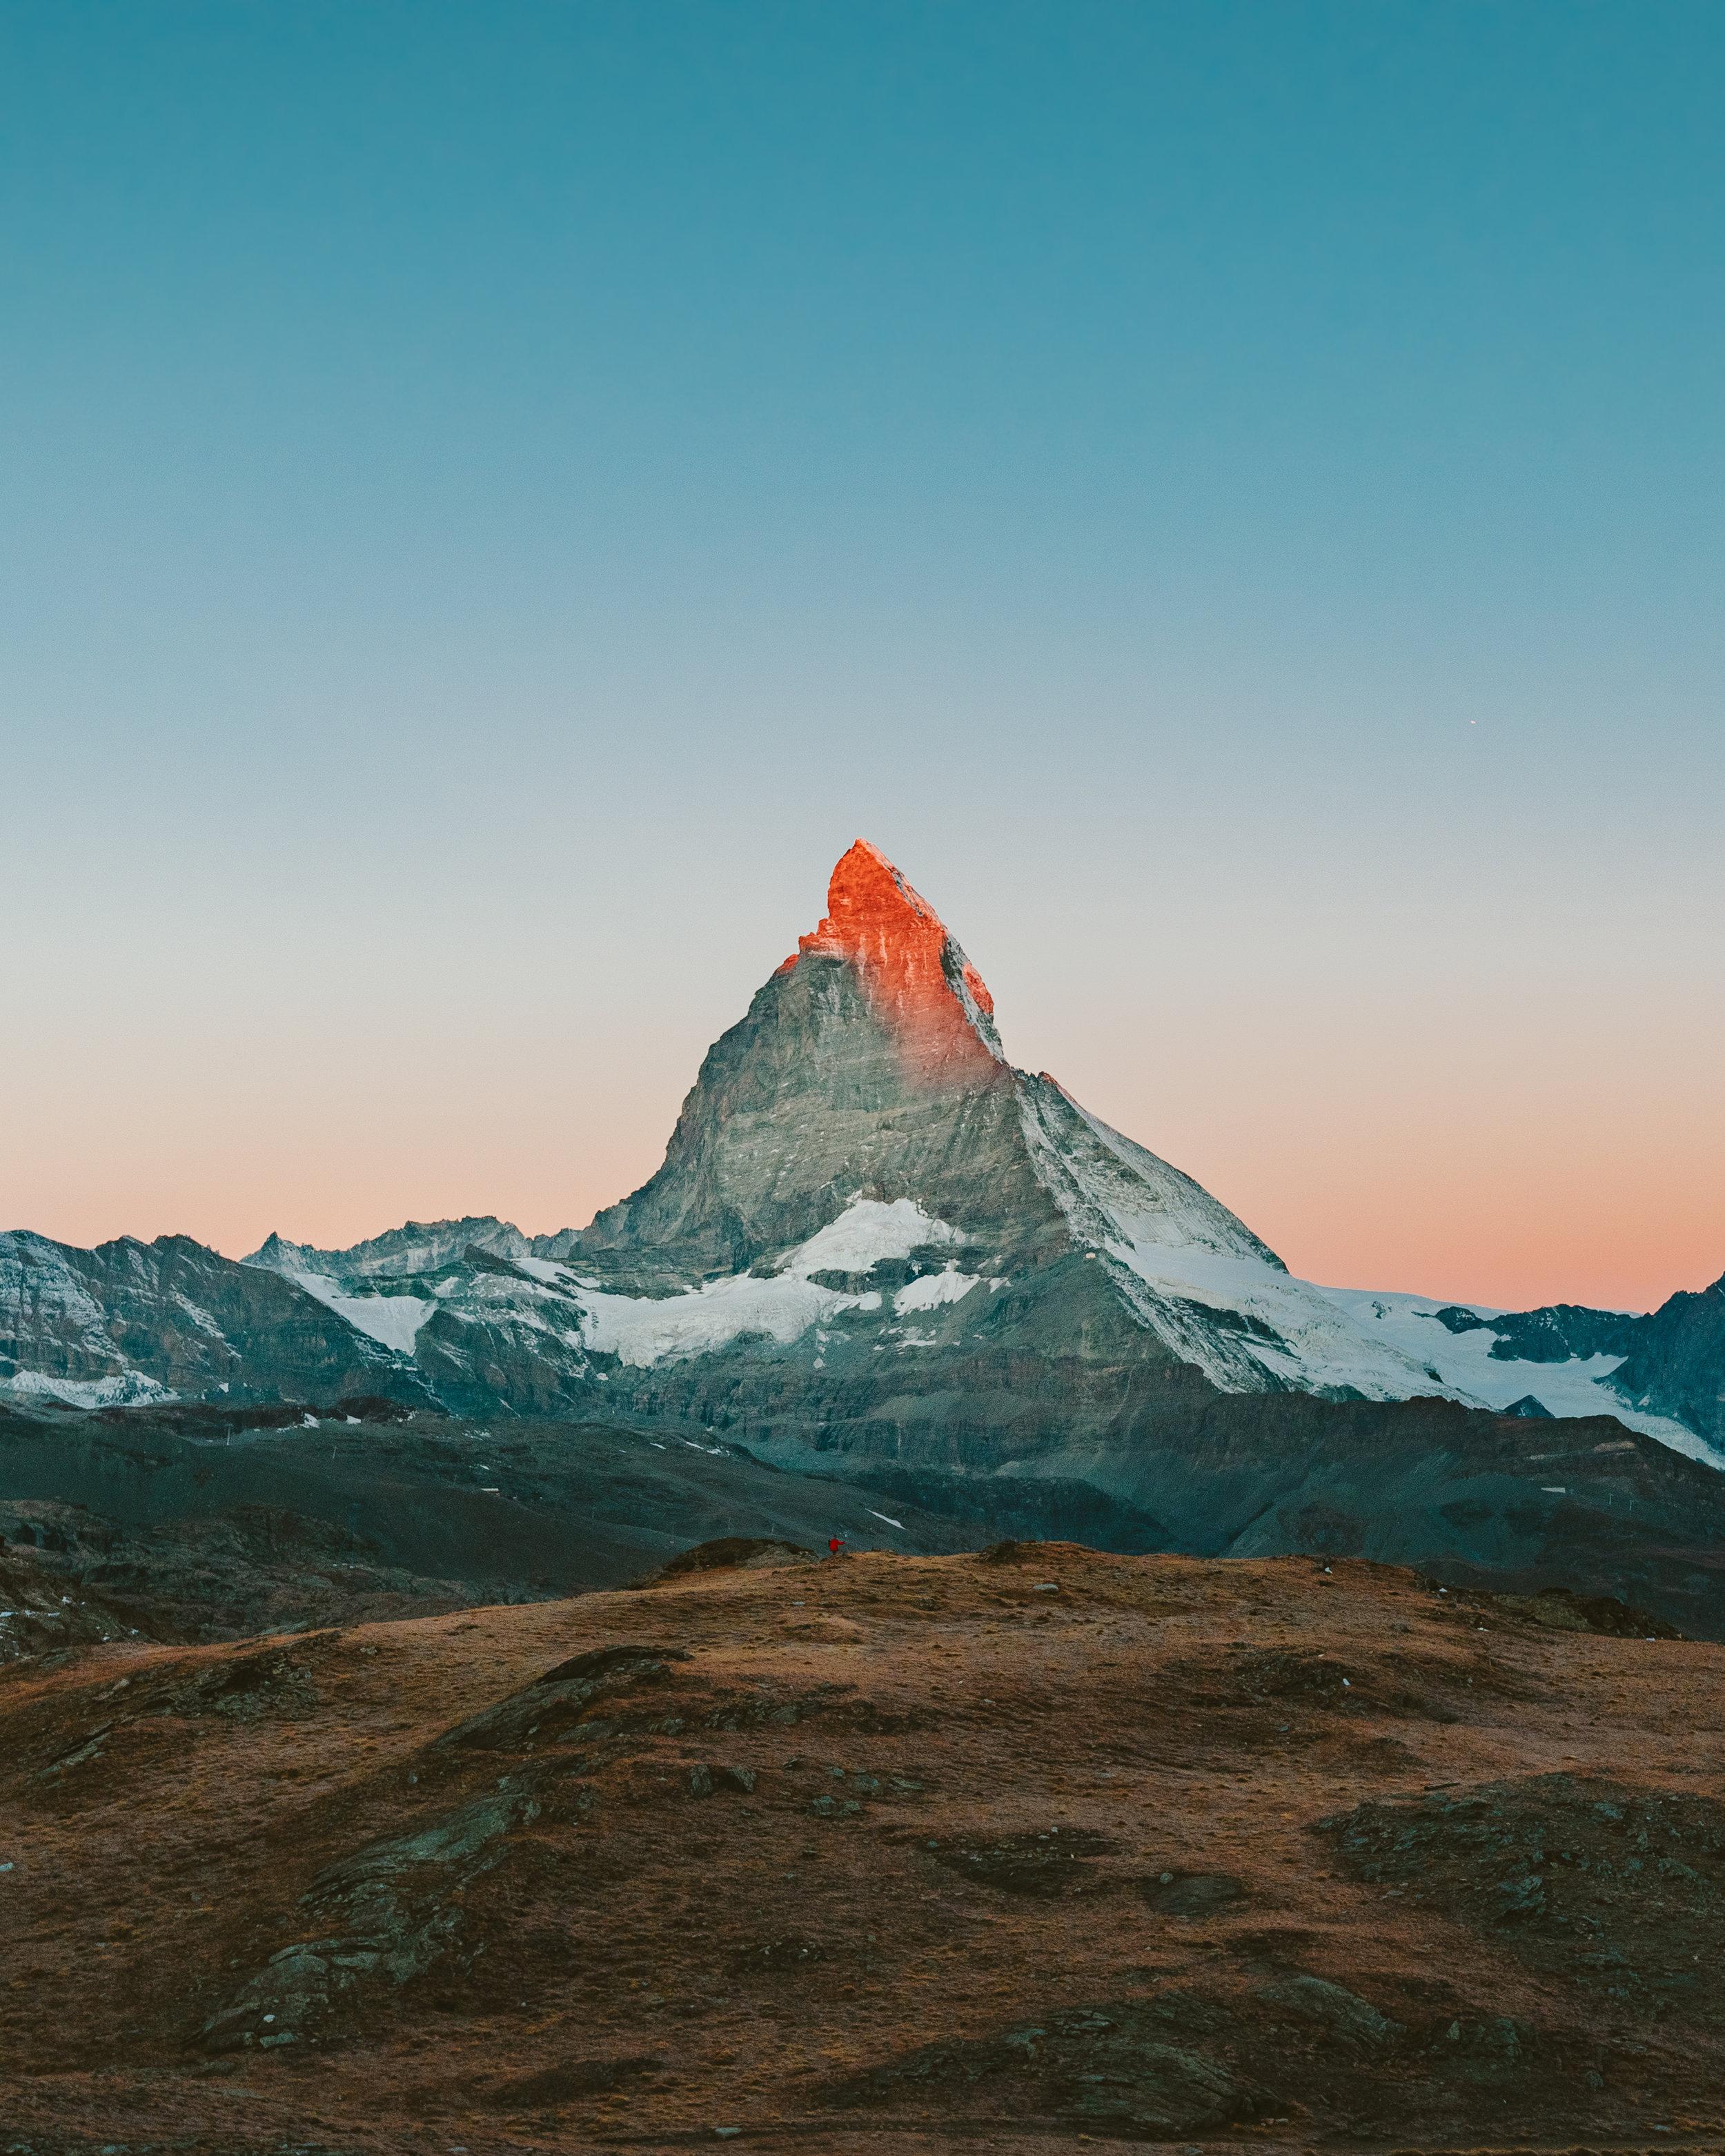 Matterhorn during sunrise in Zermatt, Switzerland.